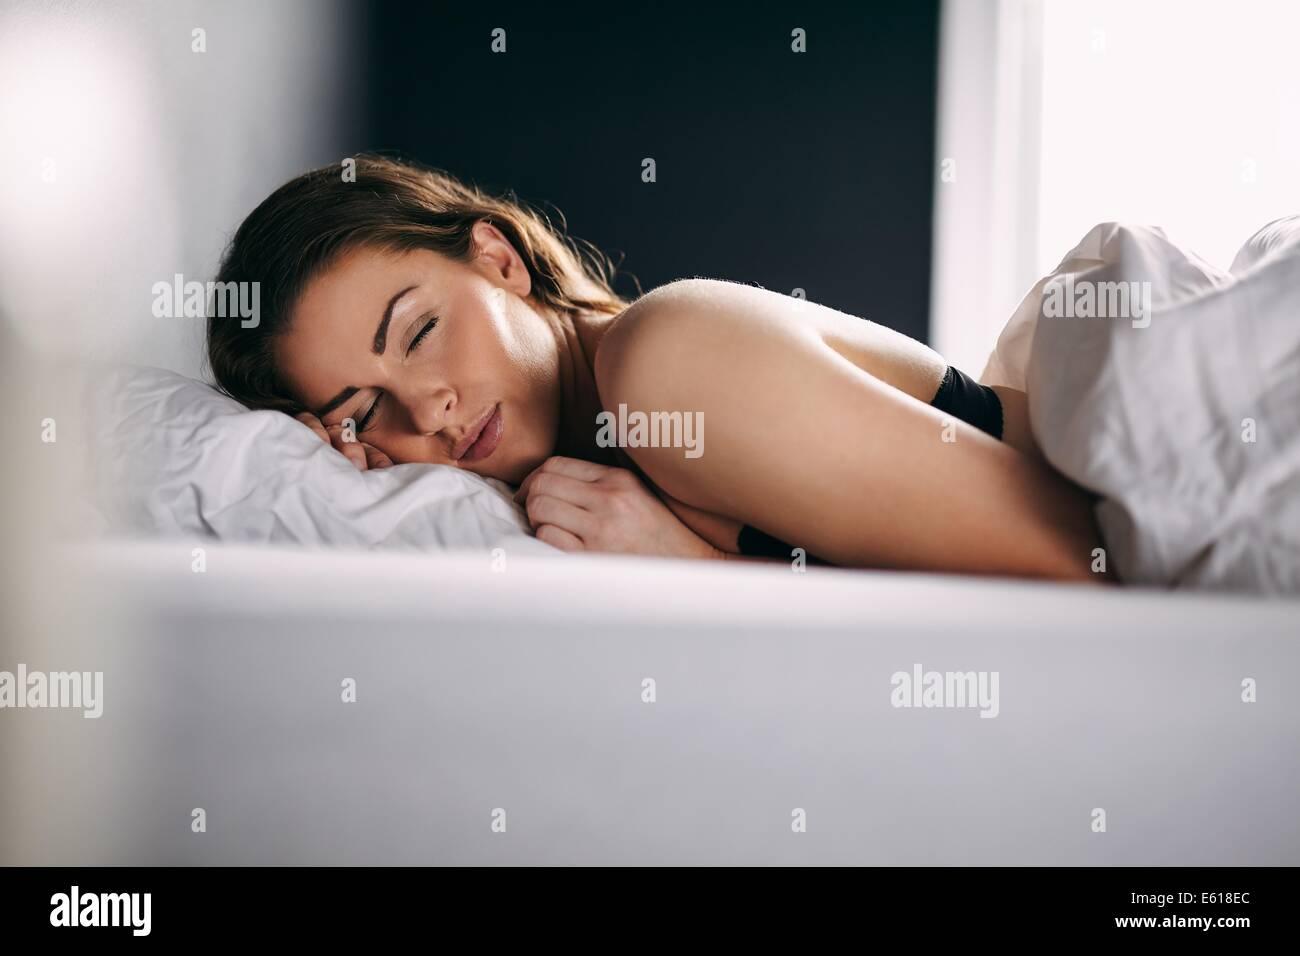 Porträt des entspannten junge Dame in ihrem Bett schlafen. Weibliches Modell friedlich schlafend in ihrem Bett. Stockbild